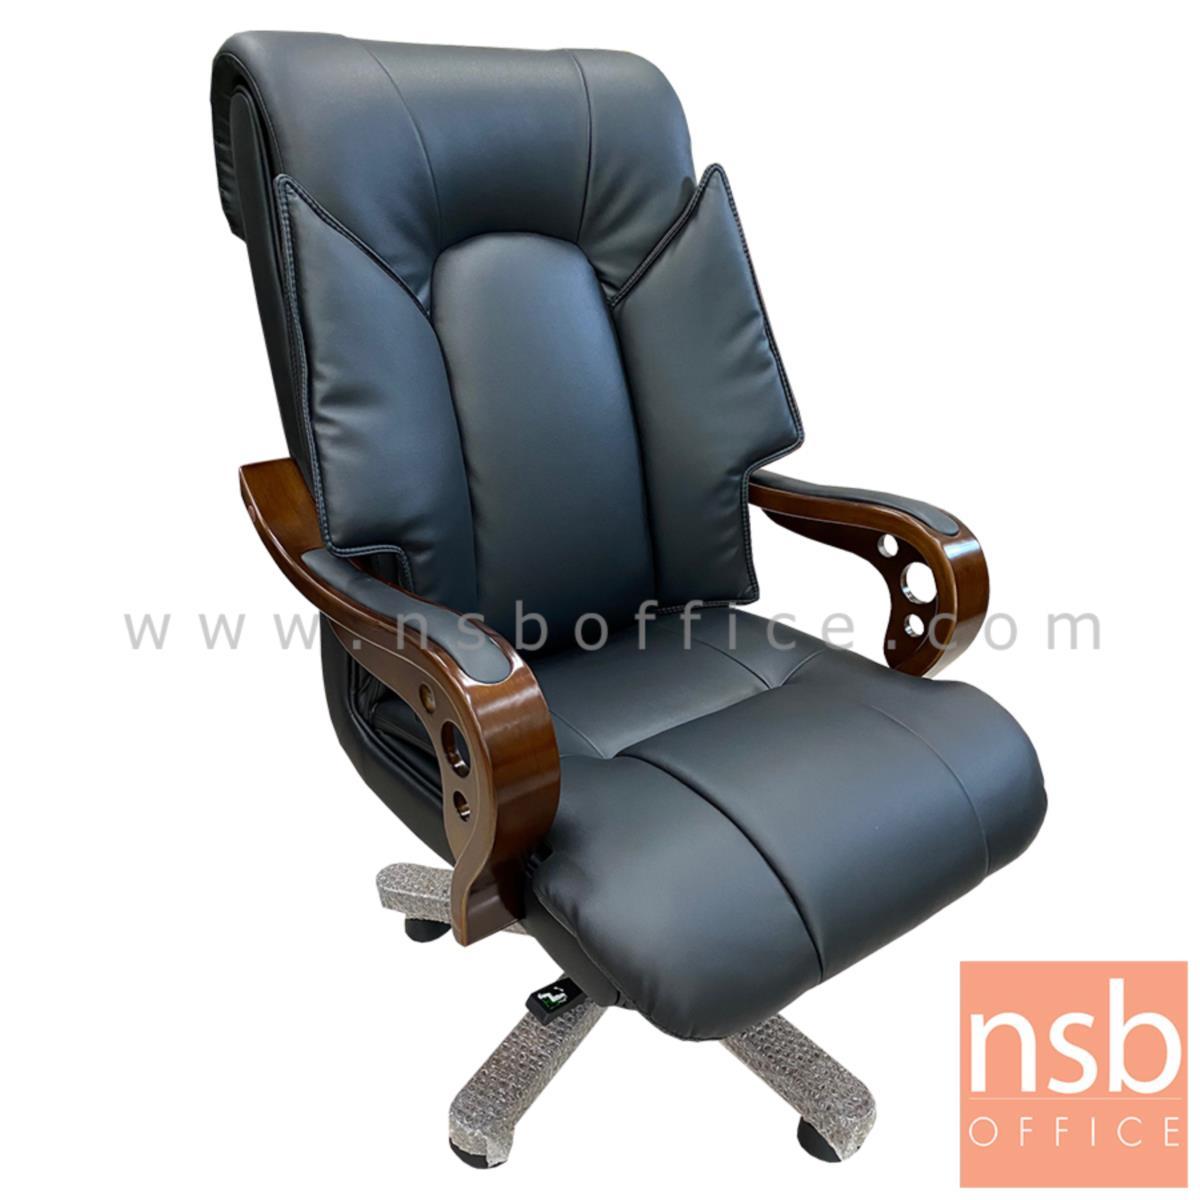 B25A015:เก้าอี้ผู้บริหารหนัง PU รุ่น Swin (สวิน)  ขาไม้